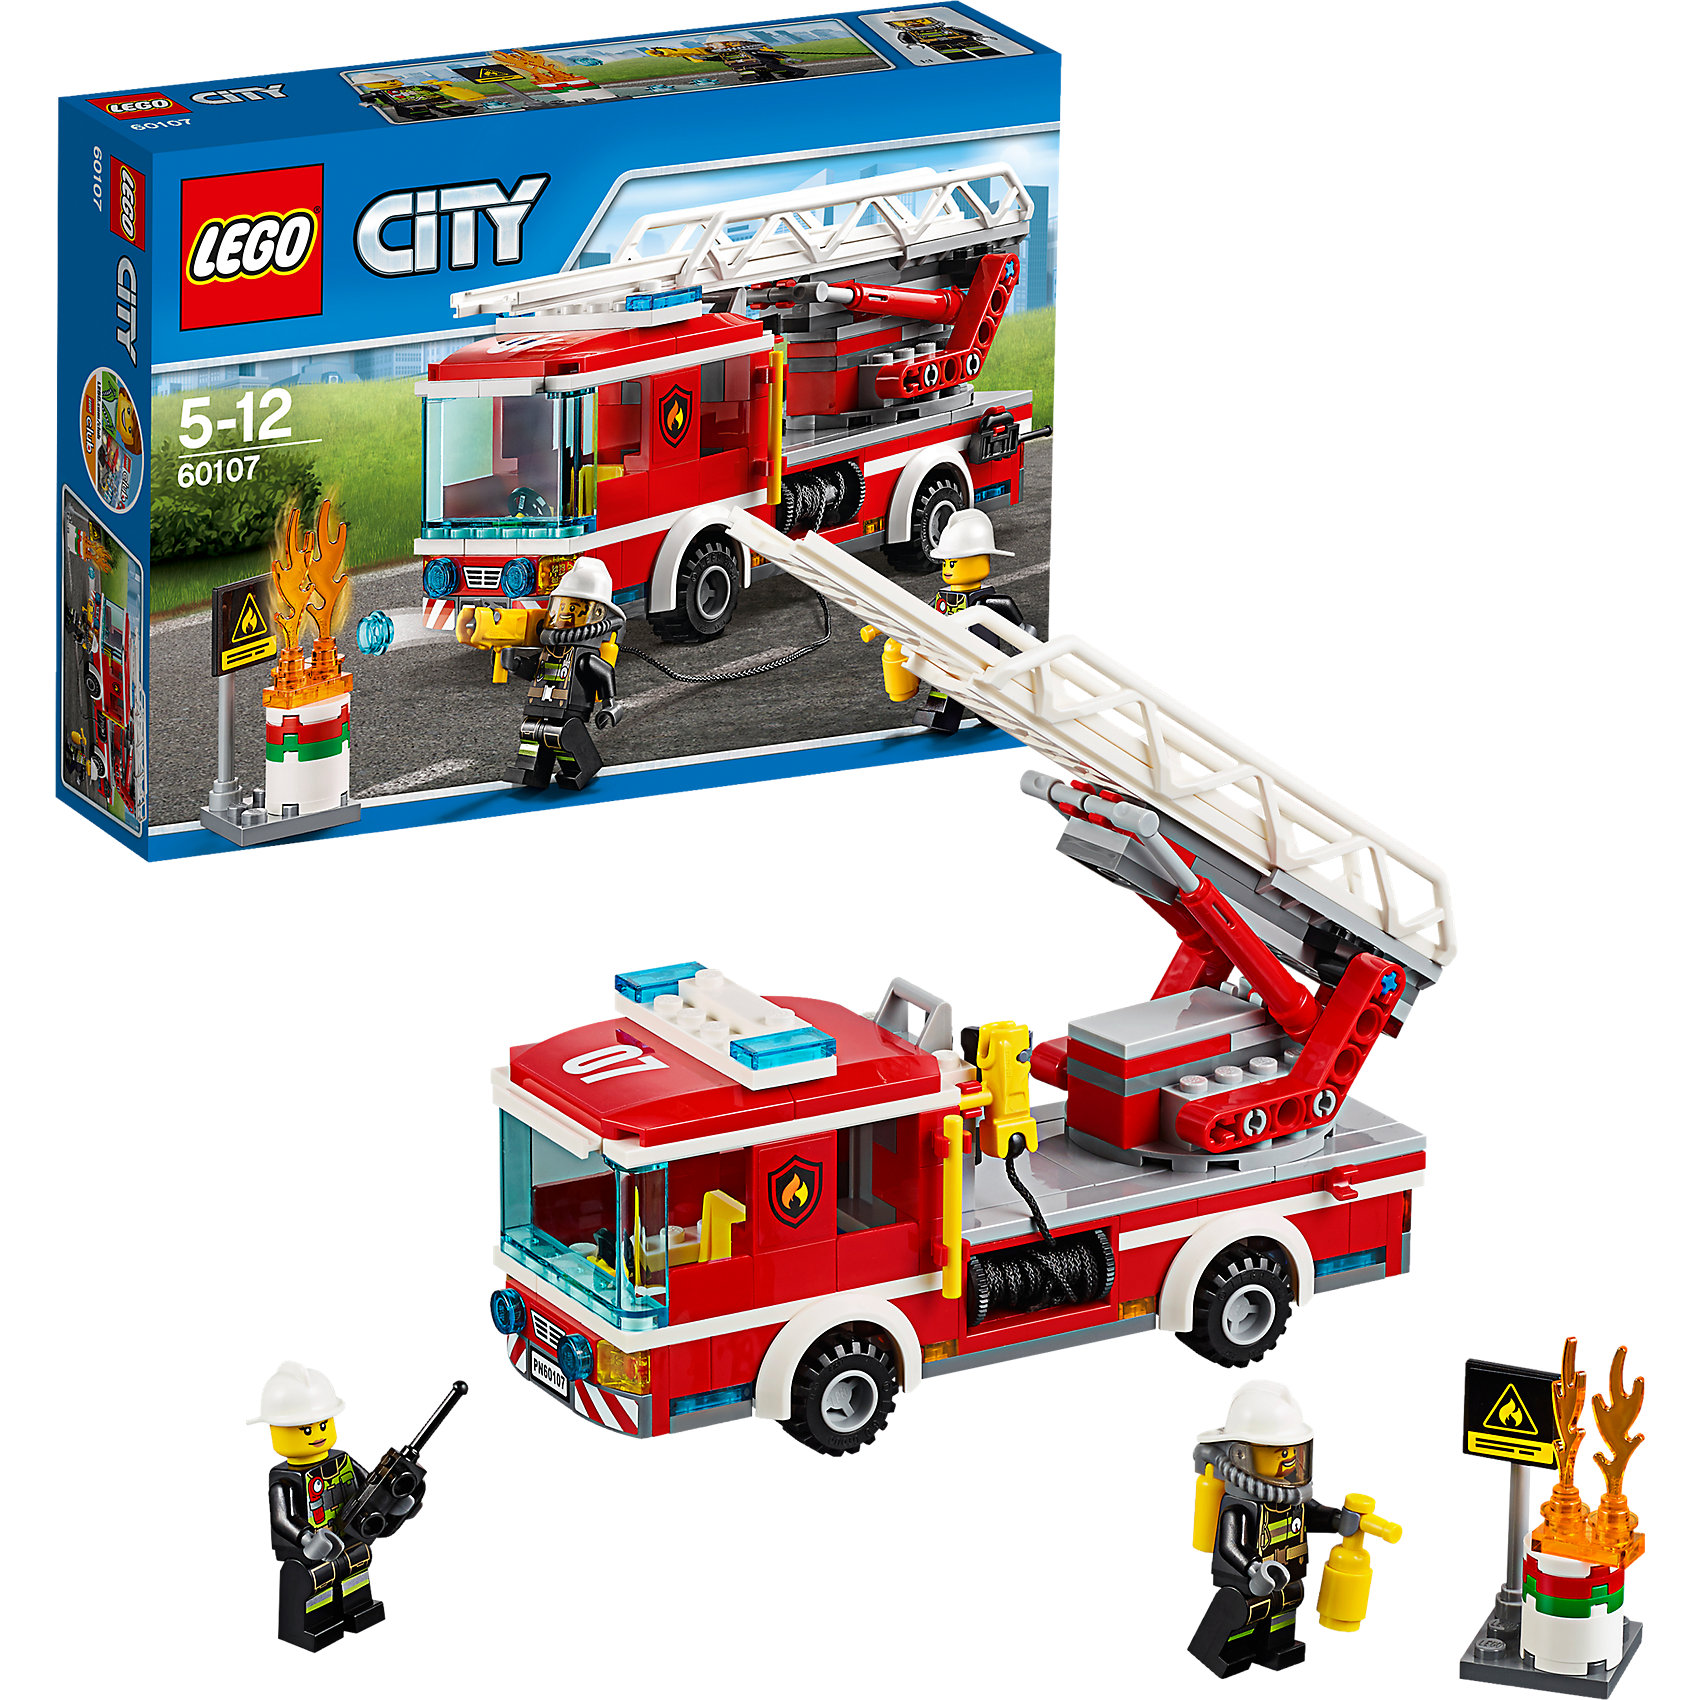 LEGO City 60107: Пожарный автомобиль с лестницейLEGO City (ЛЕГО Сити) 60107: Пожарный автомобиль с лестницей подарит Вашему ребенку новые веселые приключения и расширит игровые возможности. В городе Лего загорелась бочка с нефтью! Вместе с командой опытных пожарных поспеши на место происшествия пока бочка не взорвалась. Пожарная машинка, которую Вы сможете собрать из деталей набора, отличается высокой степенью детализации и множеством интересных элементов. Спереди располагается просторная кабина с местом для водителя, рулем, рычагами управления и прозрачным лобовым стеклом. На крыше размещаются сигнальные огни. Задняя часть автомобиля представляет собой платформу с пожарным шлангом, брандспойтом и складной лестницей. Также в комплект входят детали для сборки горящего бака и две минифигурки пожарных с аксессуарами.<br><br>Серия конструкторов  LEGO City позволяет почувствовать себя инженером и архитектором, строителем или мэром города. Вы можете создавать свой город мечты, развивать городскую инфраструктуру, строить дороги и здания, управлять городским хозяйством и следить за порядком.<br>В игровых наборах с разнообразными сюжетами много интересных персонажей, оригинальных объектов и городской техники. Это уникальная возможность для ребенка развивать фантазию и логическое мышление, узнавать и осваивать разные профессии.<br><br>Дополнительная информация:<br><br>- Игра с конструктором LEGO (ЛЕГО) развивает мелкую моторику ребенка, фантазию и воображение, учит его усидчивости и внимательности.<br>- Количество деталей: 214.<br>- Количество минифигур: 2.<br>- Серия: LEGO City (ЛЕГО Сити).<br>- Материал: пластик.<br>- Размер собранной пожарной машины: 8 х 20 х 5 см.<br>- Размер упаковки: 26 х 6 х 19 см.<br>- Вес: 0,365 кг.<br><br>LEGO City (ЛЕГО Сити) 60107: Пожарный автомобиль с лестницей можно купить в нашем интернет-магазине.<br><br>Ширина мм: 267<br>Глубина мм: 193<br>Высота мм: 63<br>Вес г: 377<br>Возраст от месяцев: 60<br>Возраст до месяцев: 144<br>Пол: Мужской<br>Воз